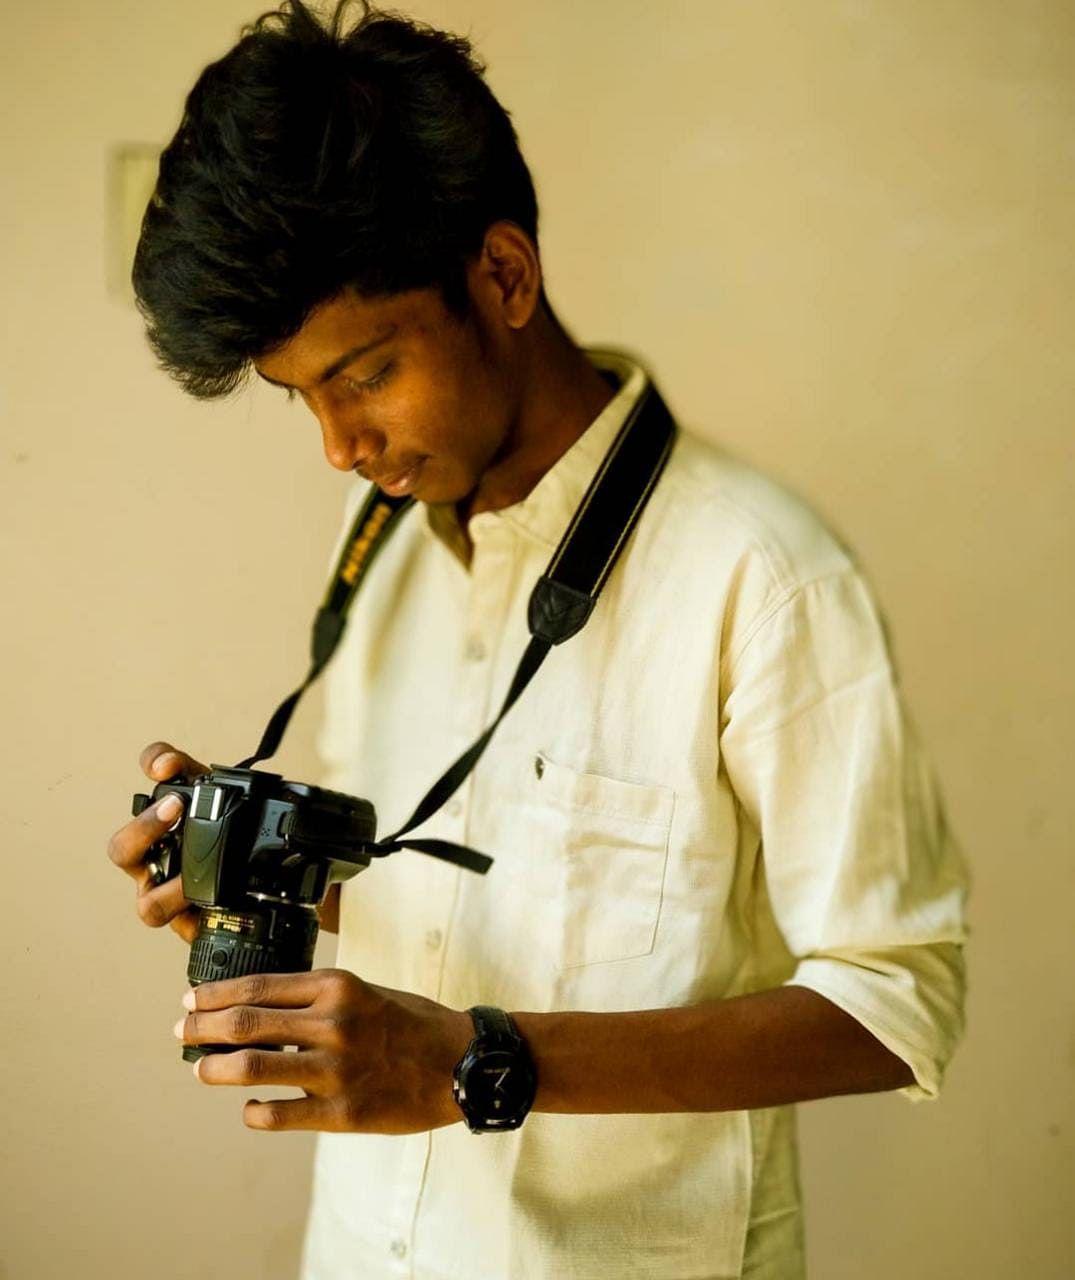 8468ee08 0103 46de 800e 1be14e96d27d Tamil News Spot